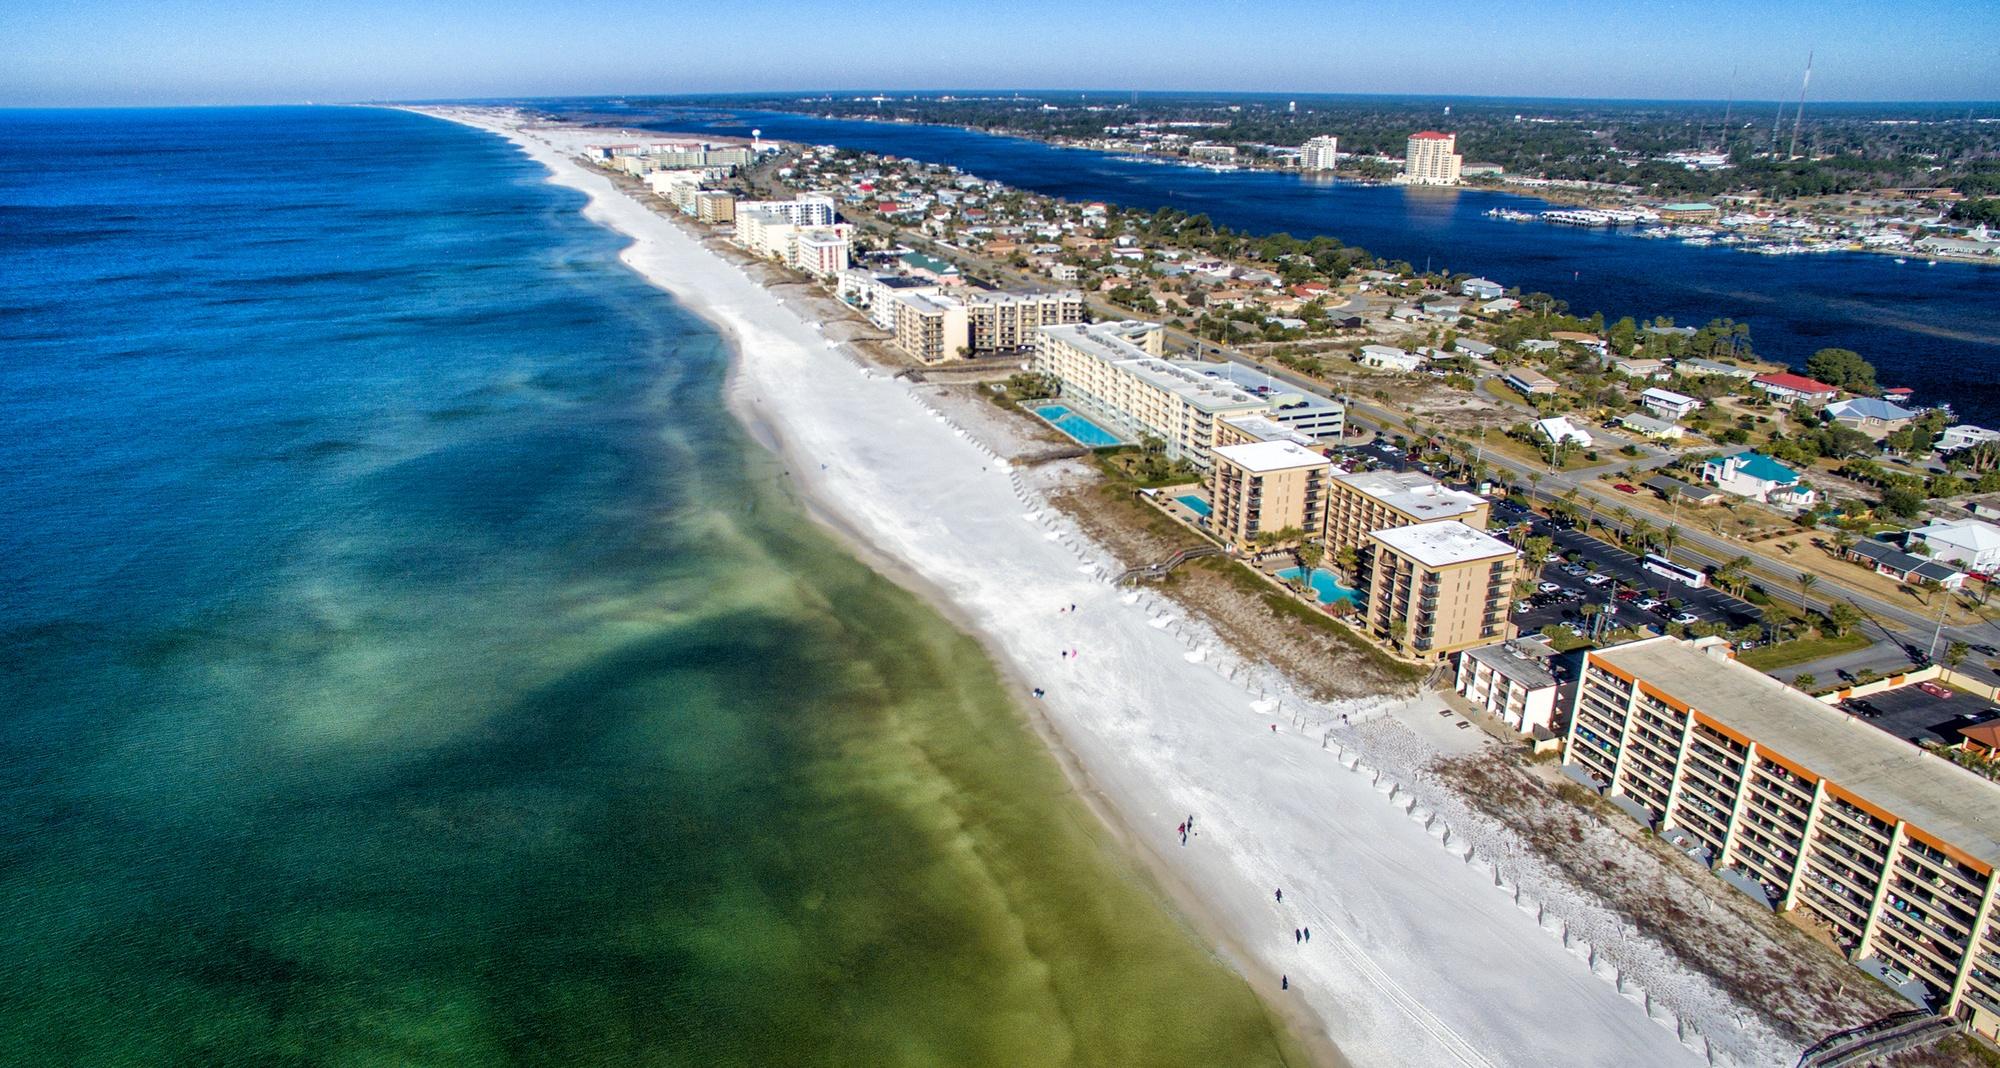 Walton Beach, Florida